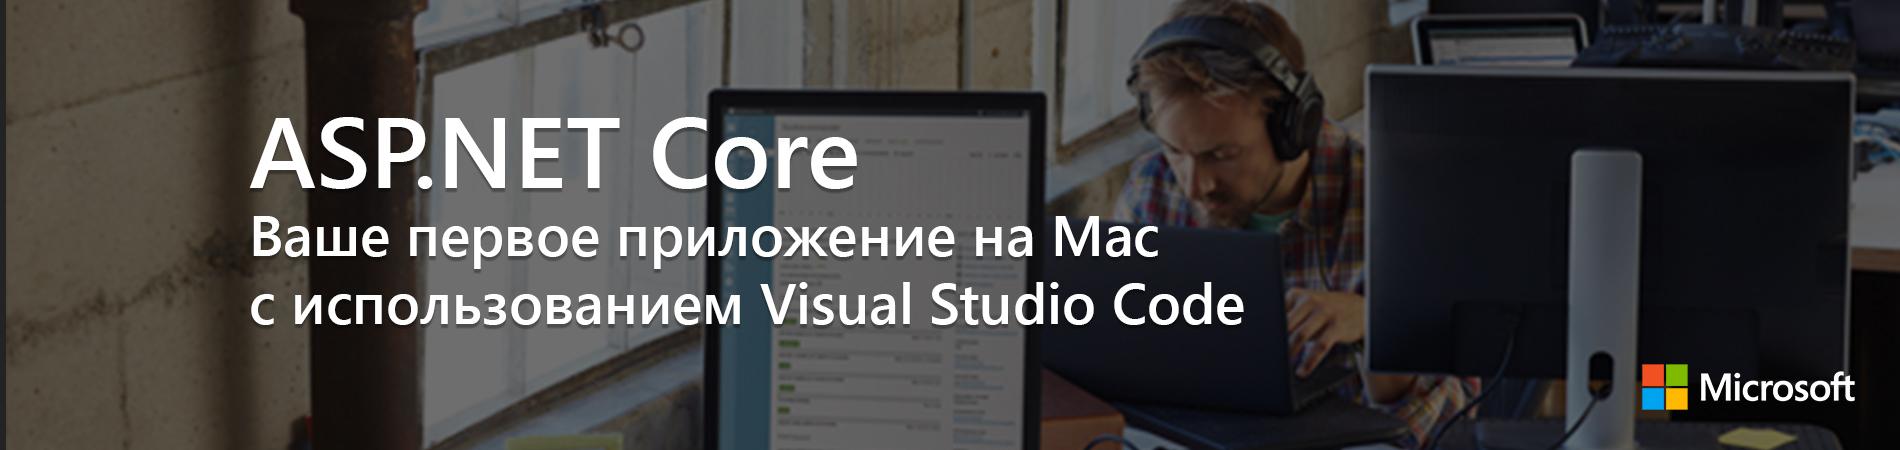 ASP.NET Core: Ваше первое приложение на Mac c использованием Visual Studio  ...